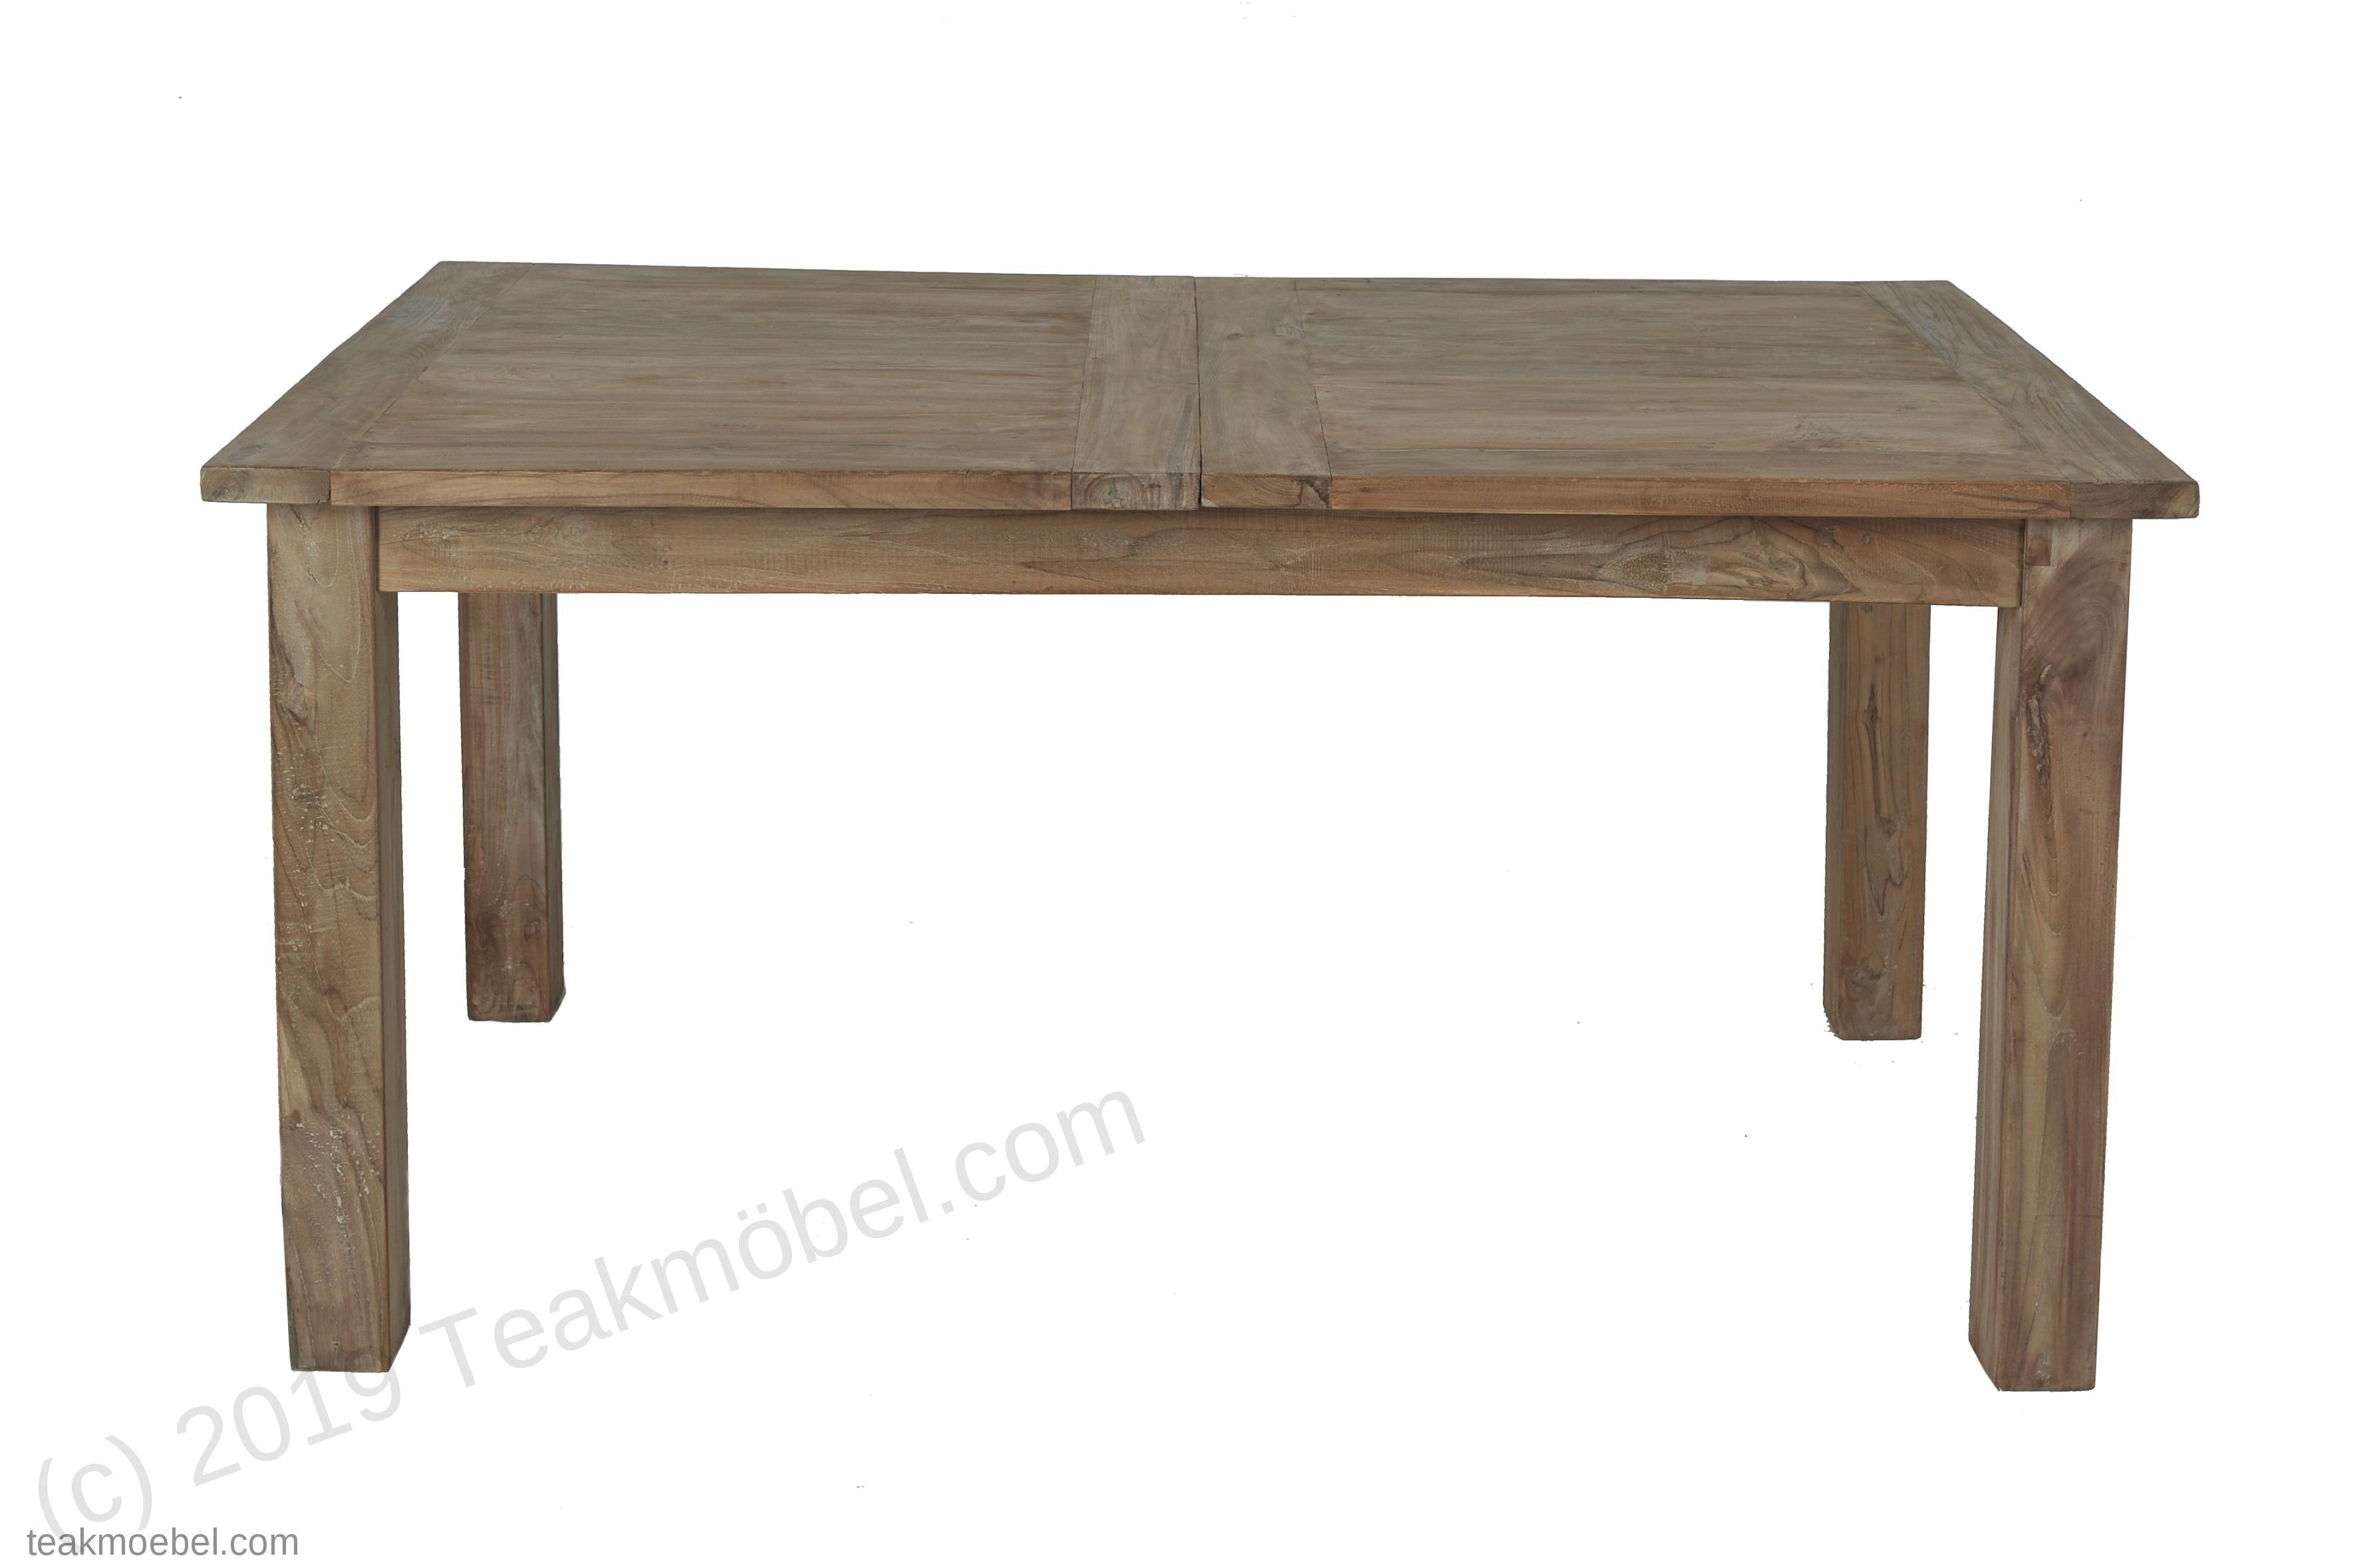 teakholz tisch ausziehbar 160 210 260x90 teakm. Black Bedroom Furniture Sets. Home Design Ideas